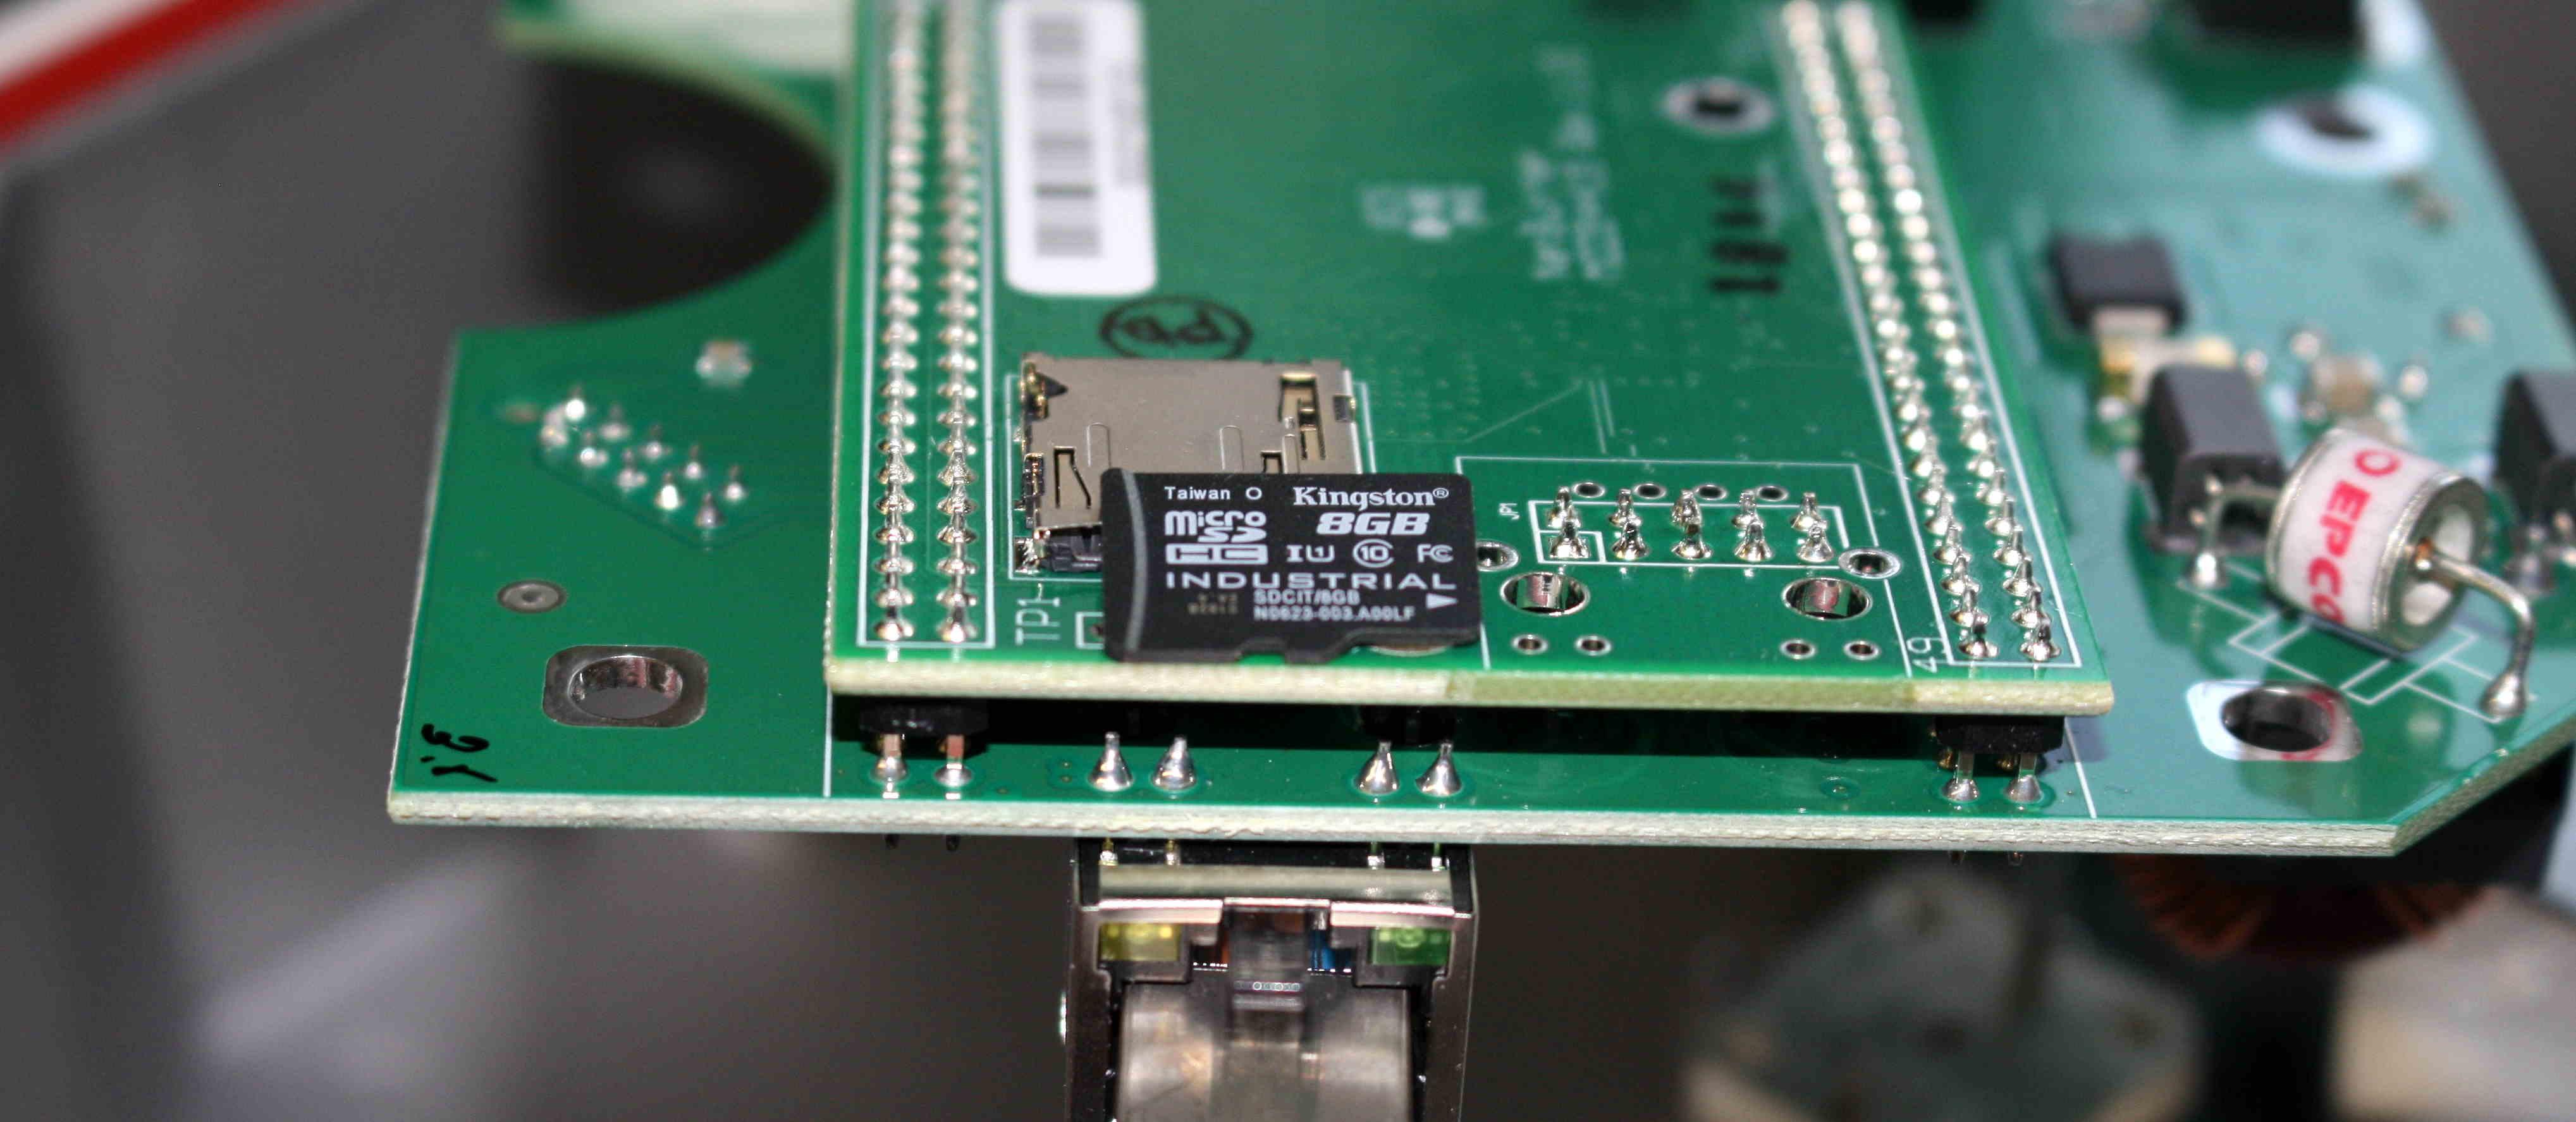 От Норильска до Эр-Рияда: реальный кейс применения карт памяти Kingston Industrial Temperature microSD UHS-I